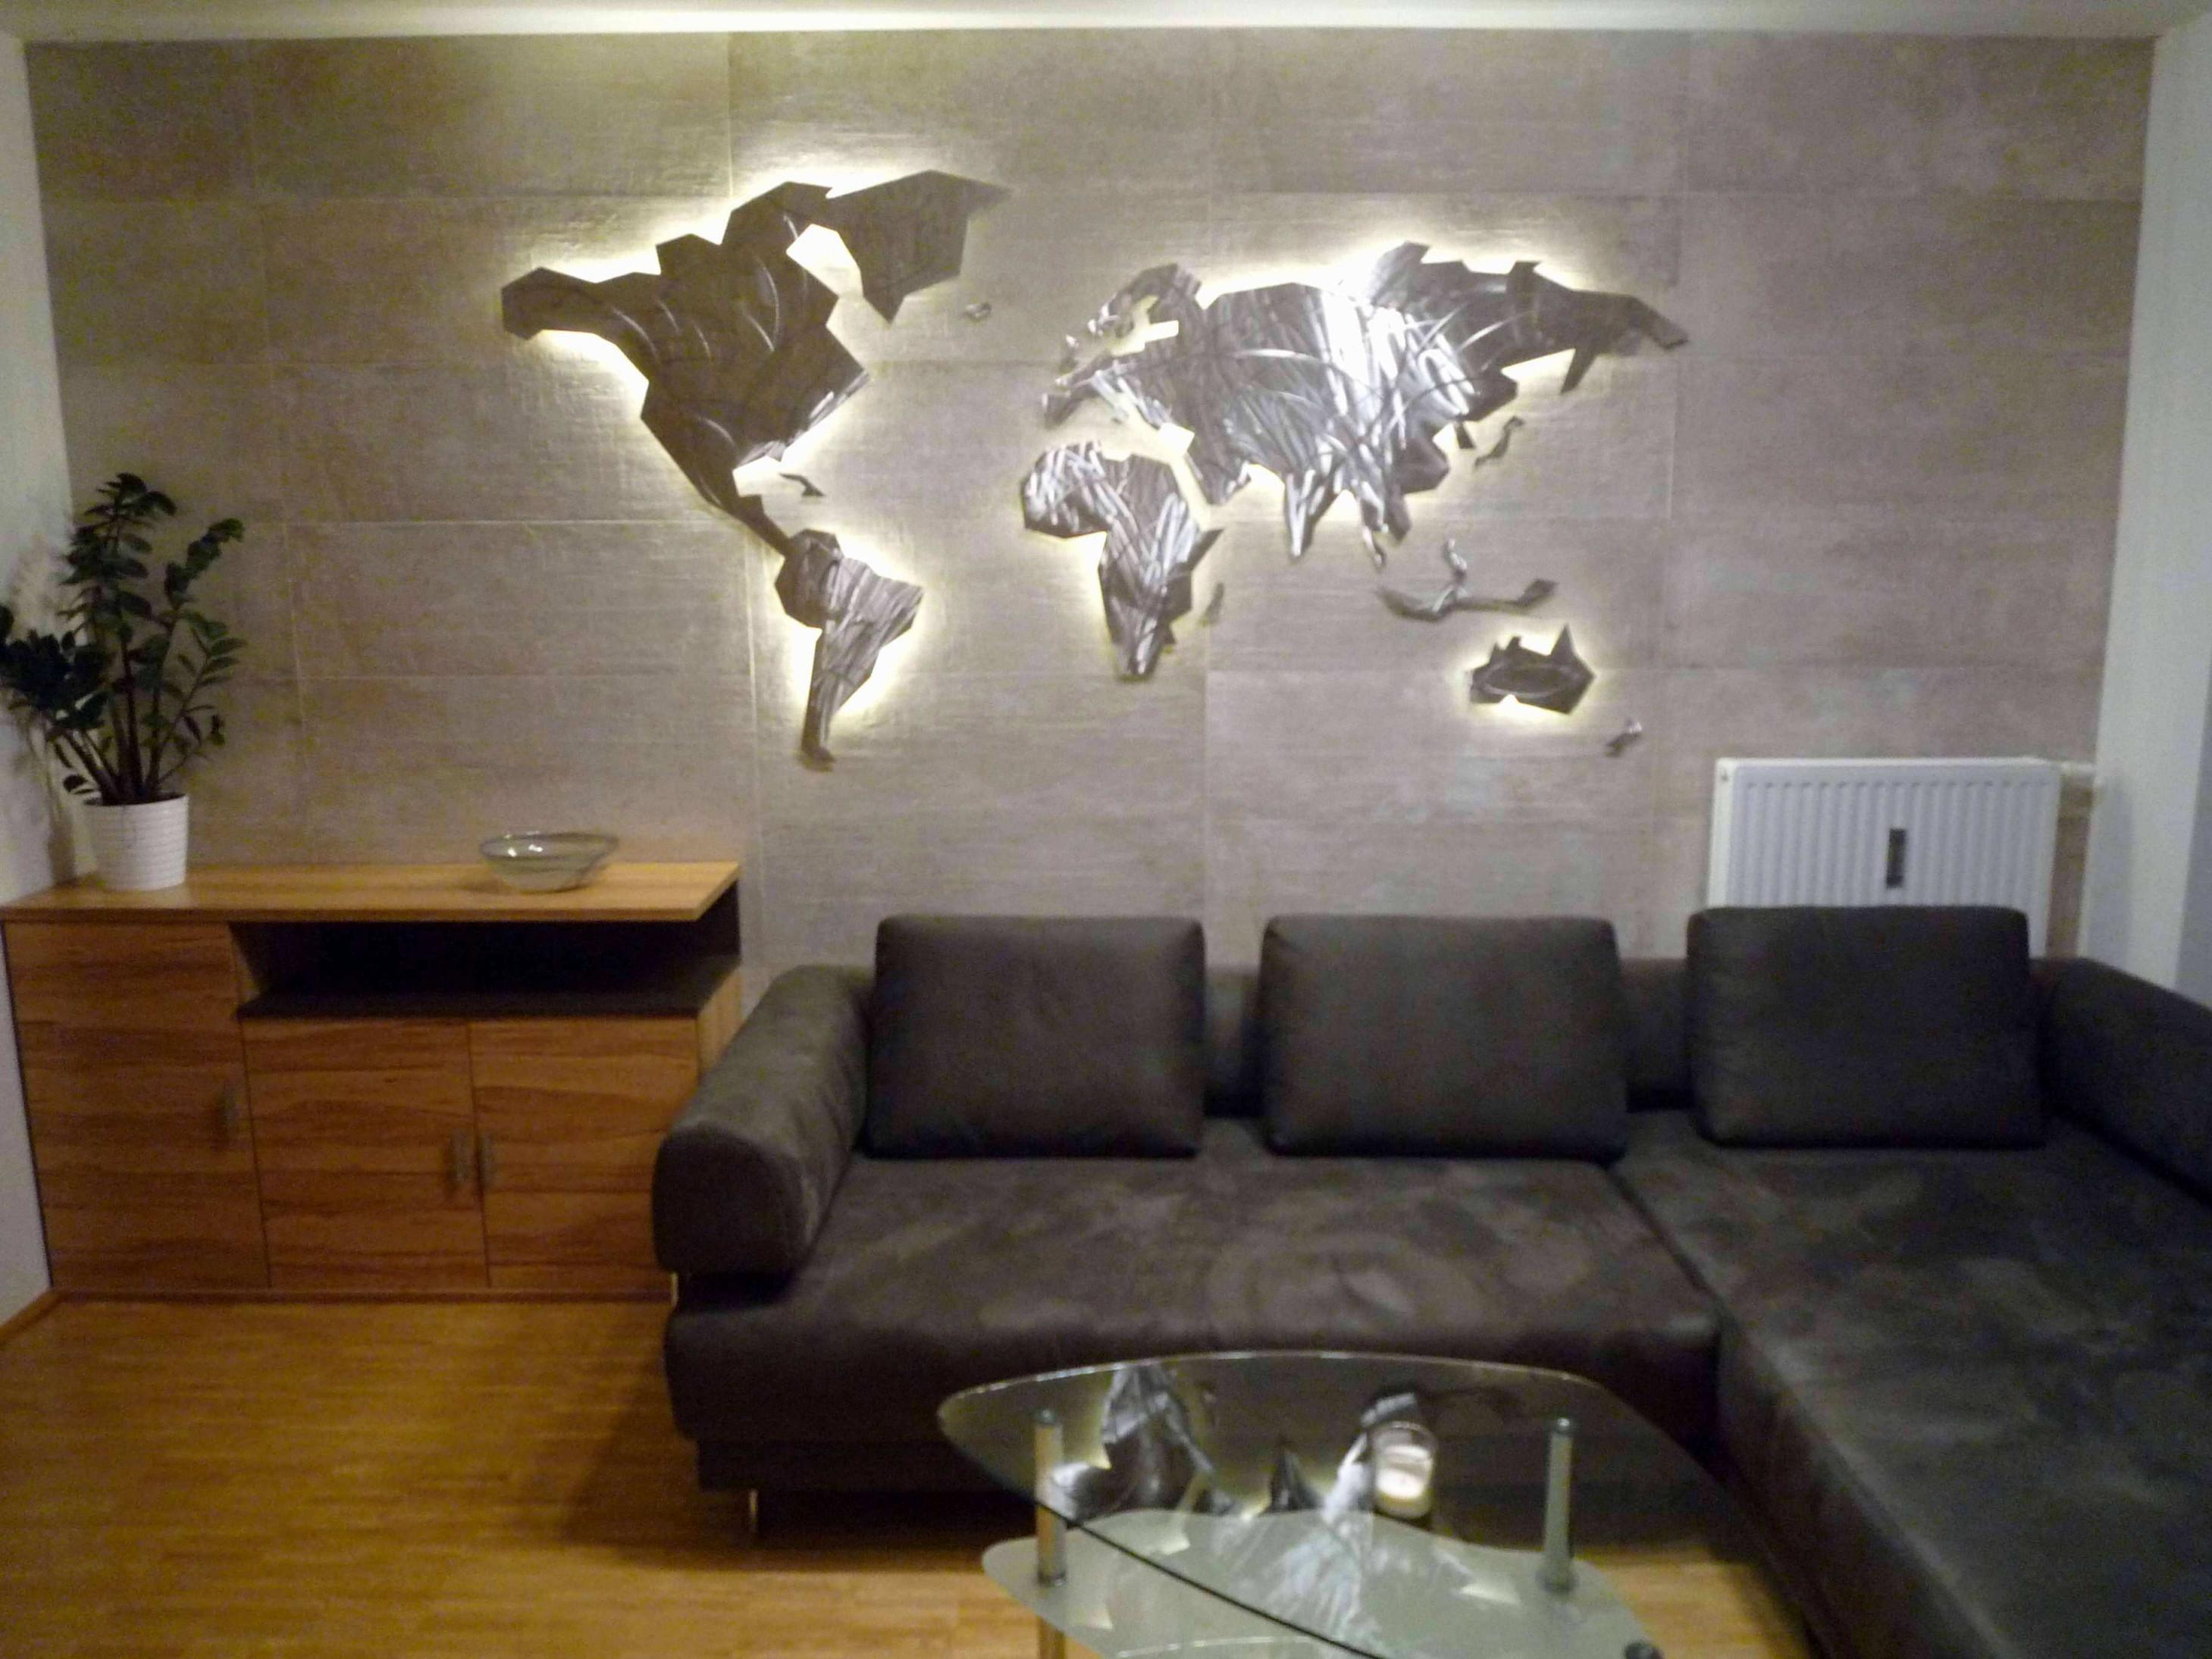 59 Einzigartig Wanddeko Wohnzimmer Metall Das Beste Von von Metall Deko Wohnzimmer Photo